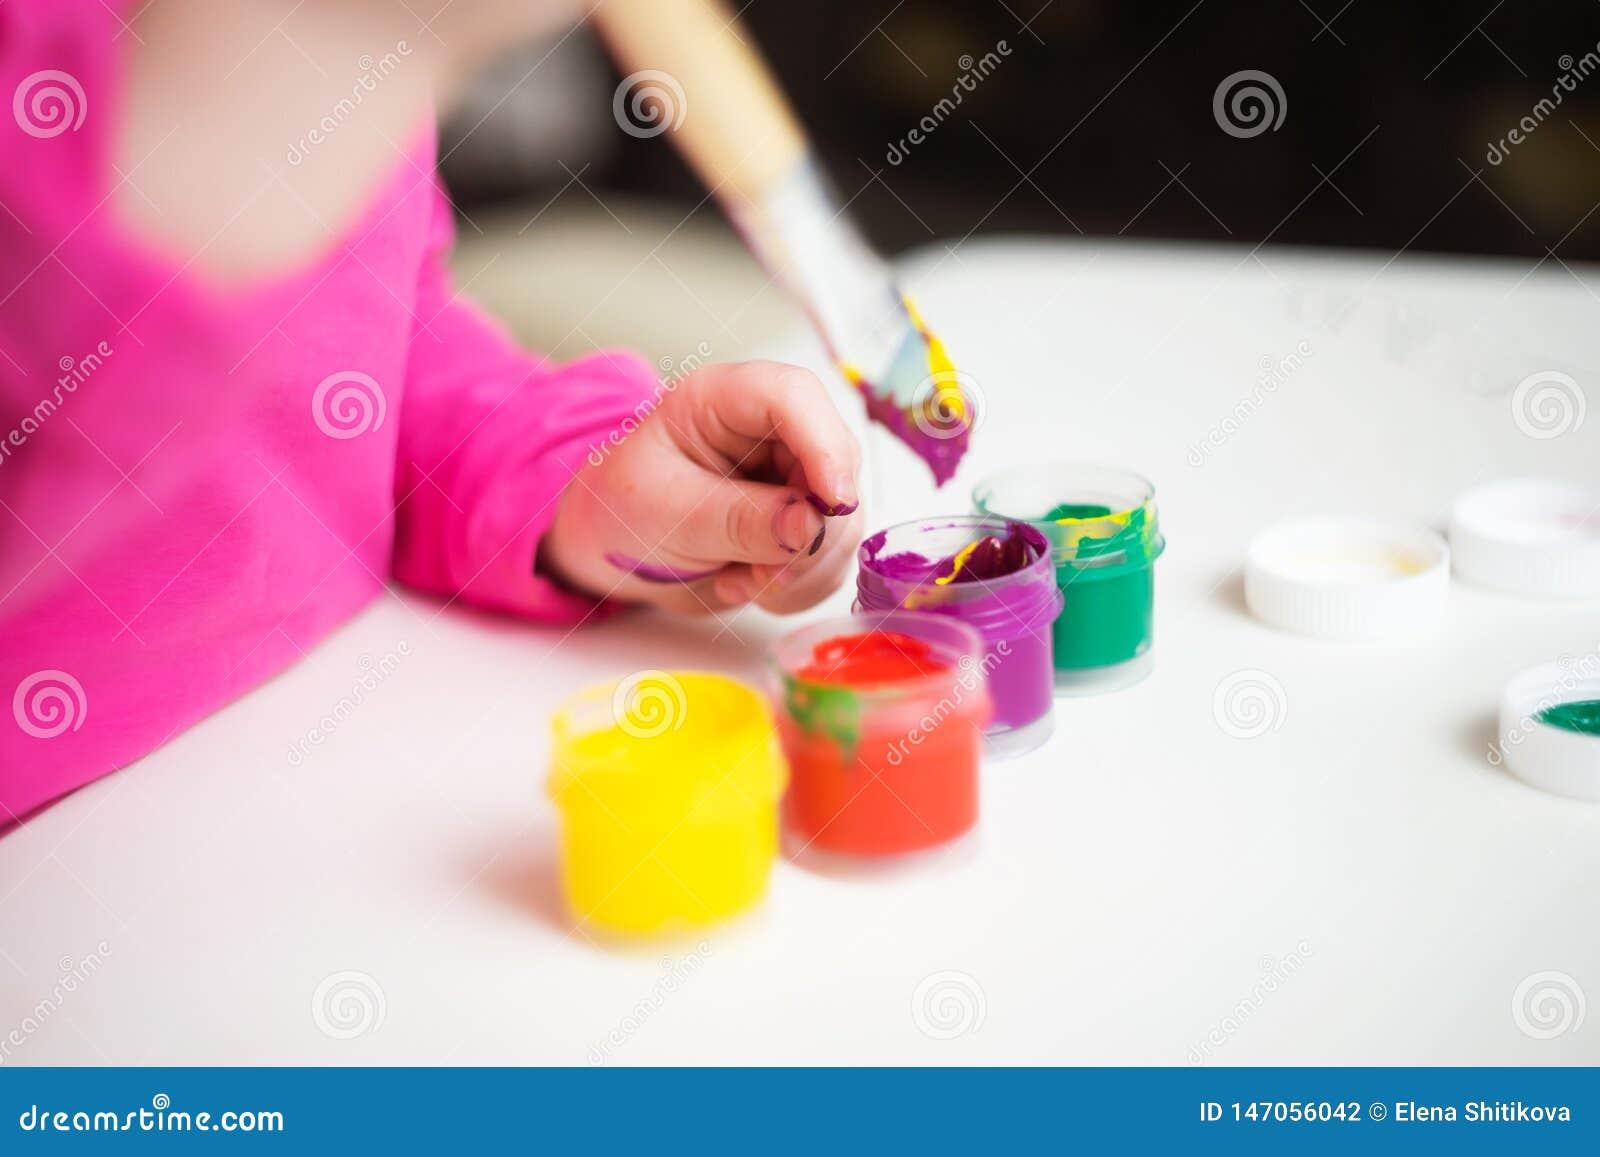 La mano del niño sostiene la brocha